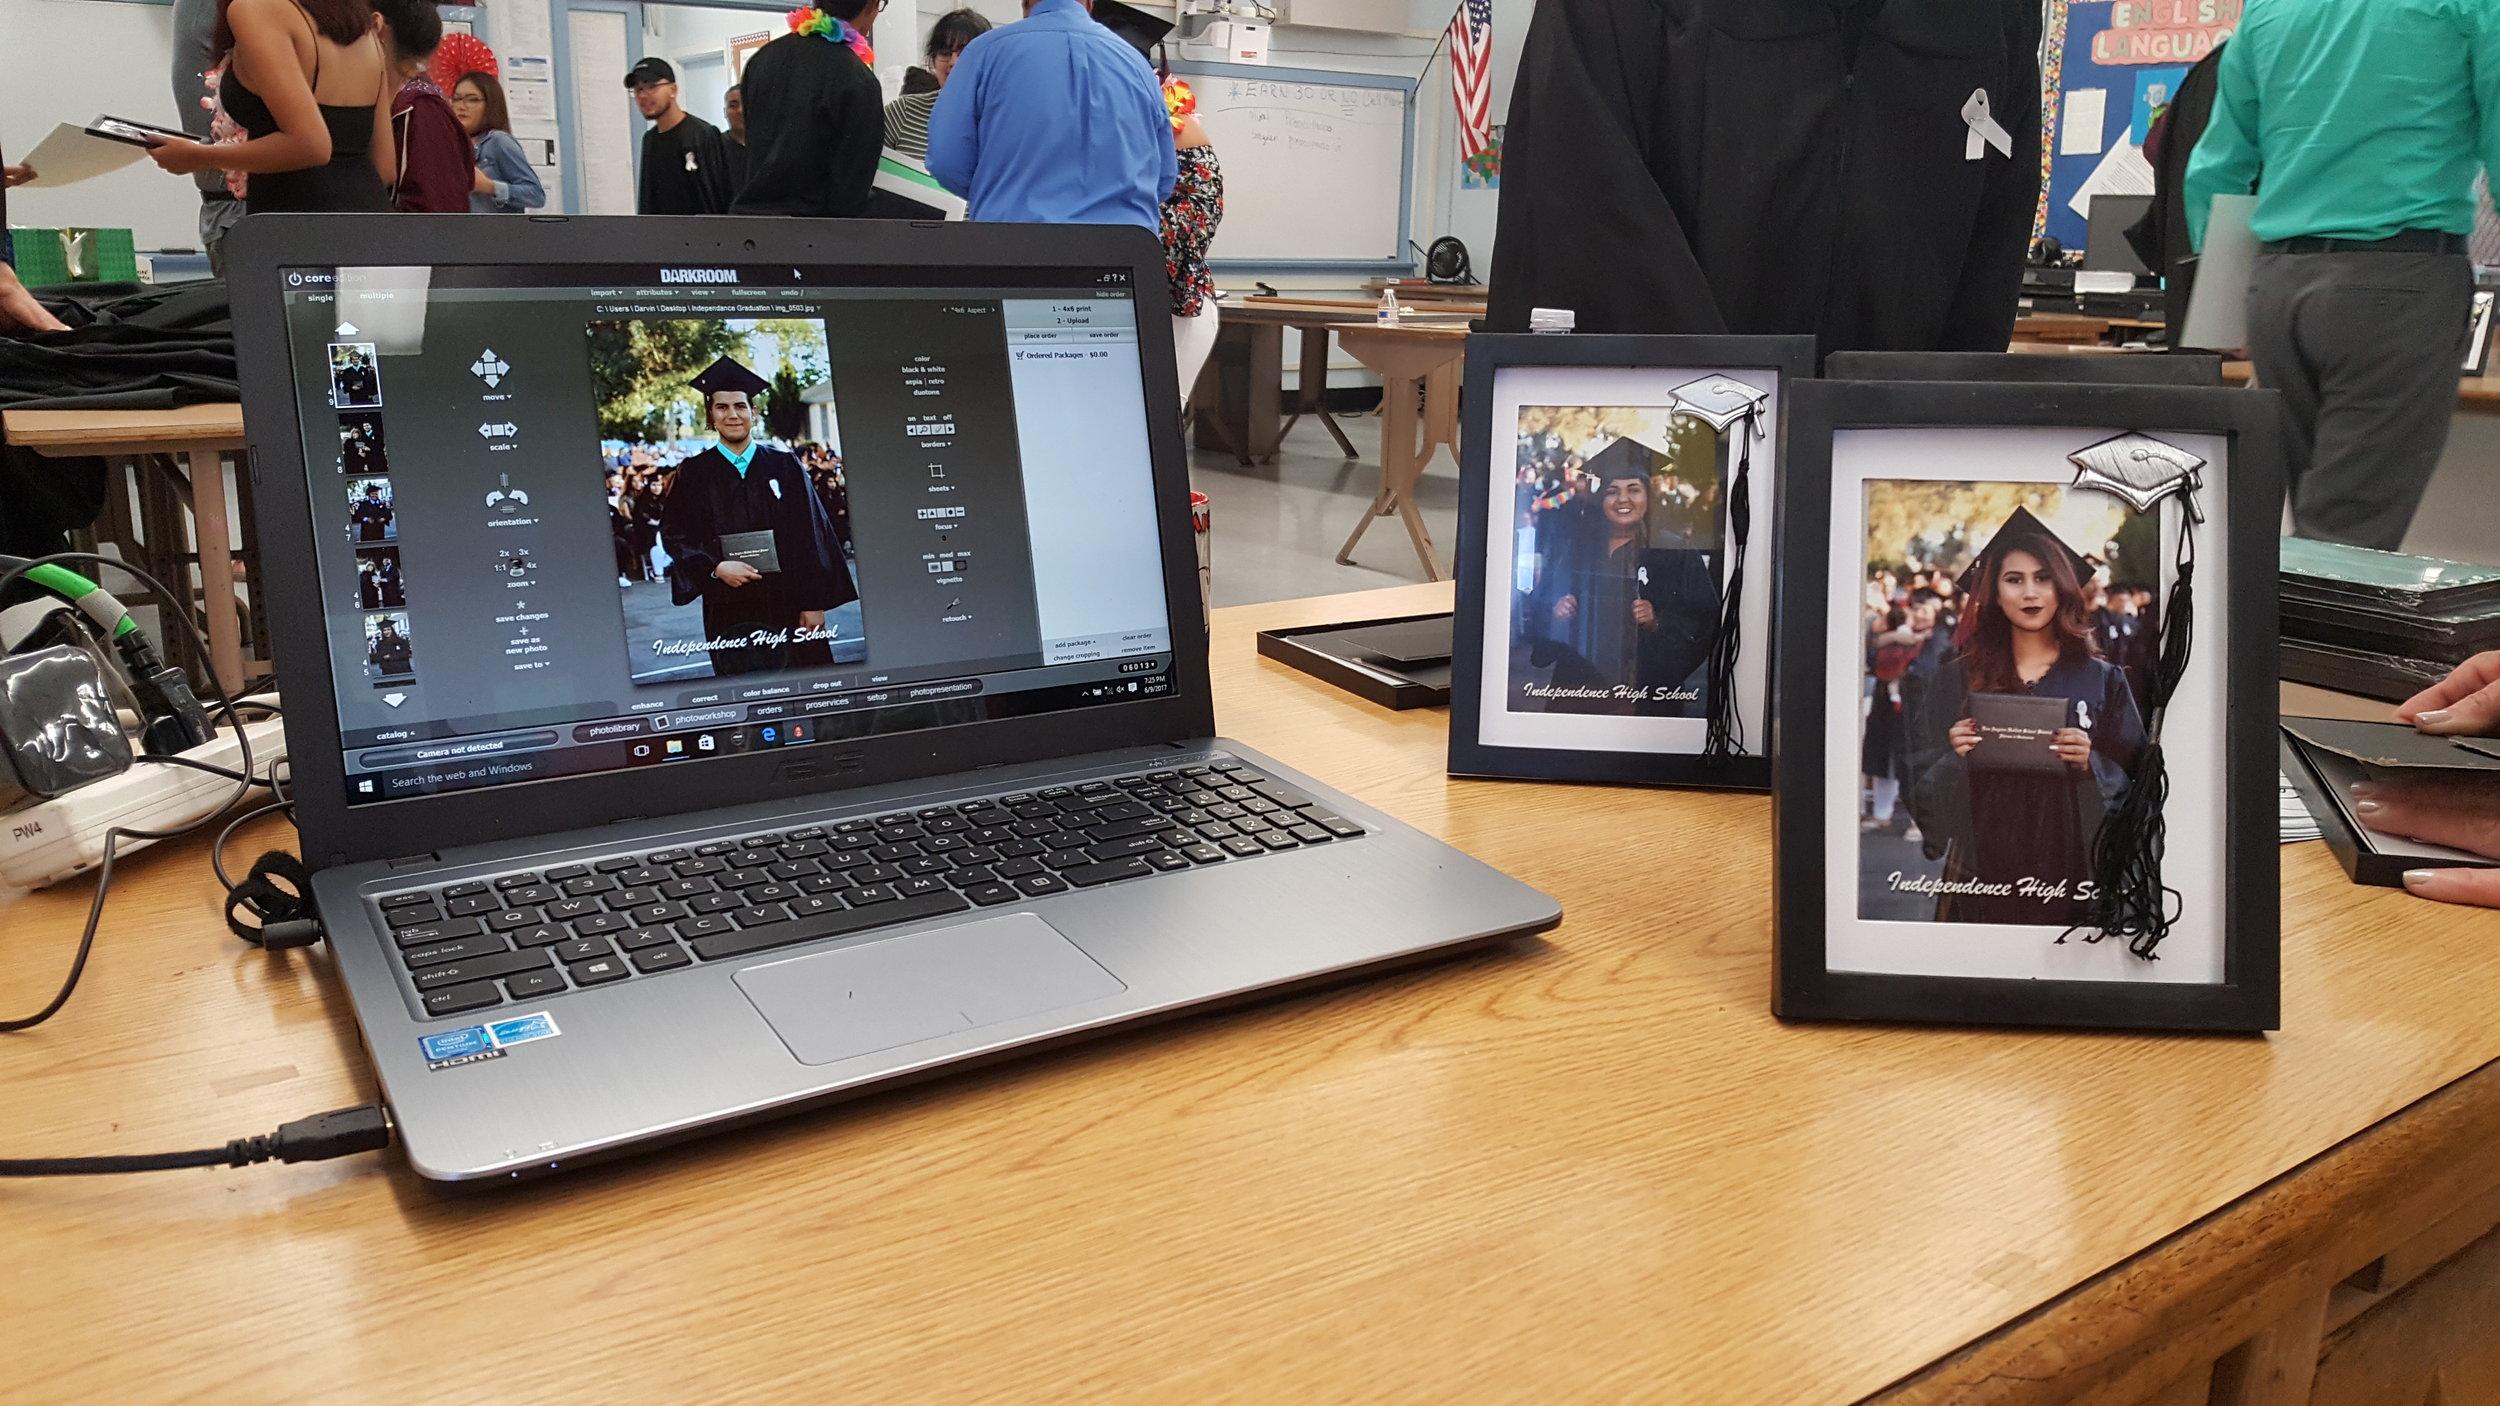 Event Photos for Graduation